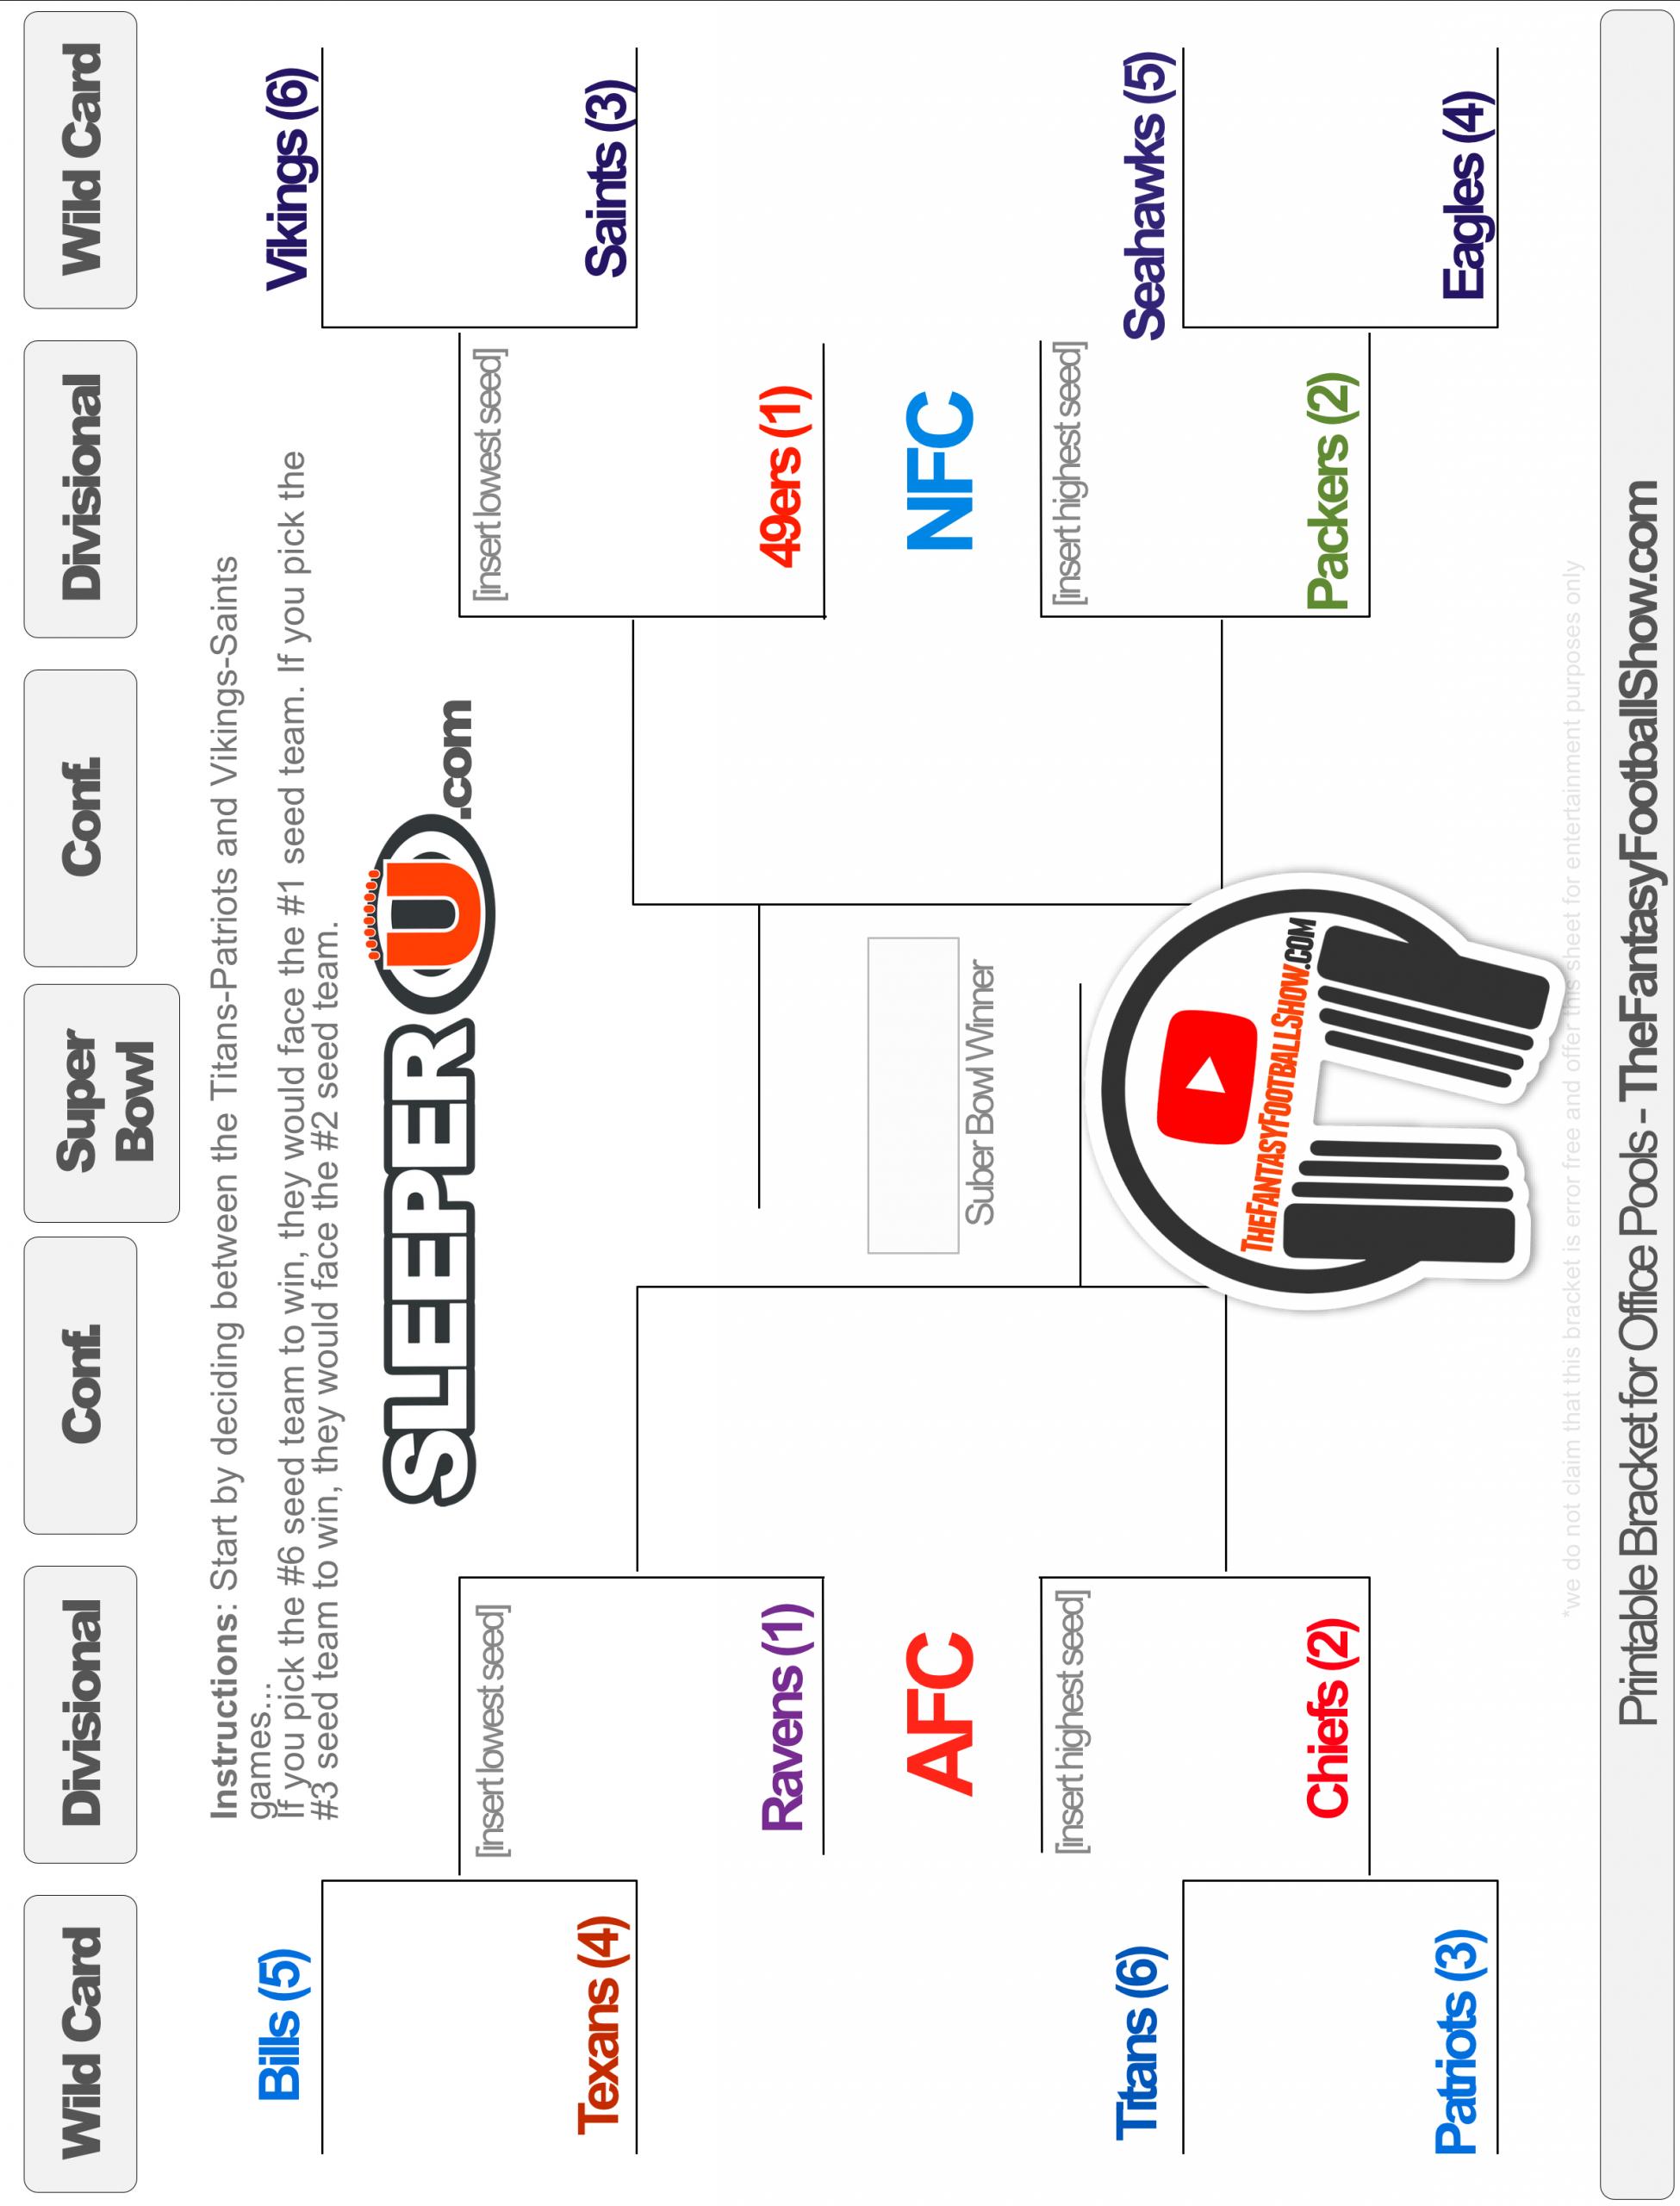 Bracket 2020 Nfl Playoffs Format / 2020 Nfl Playoff